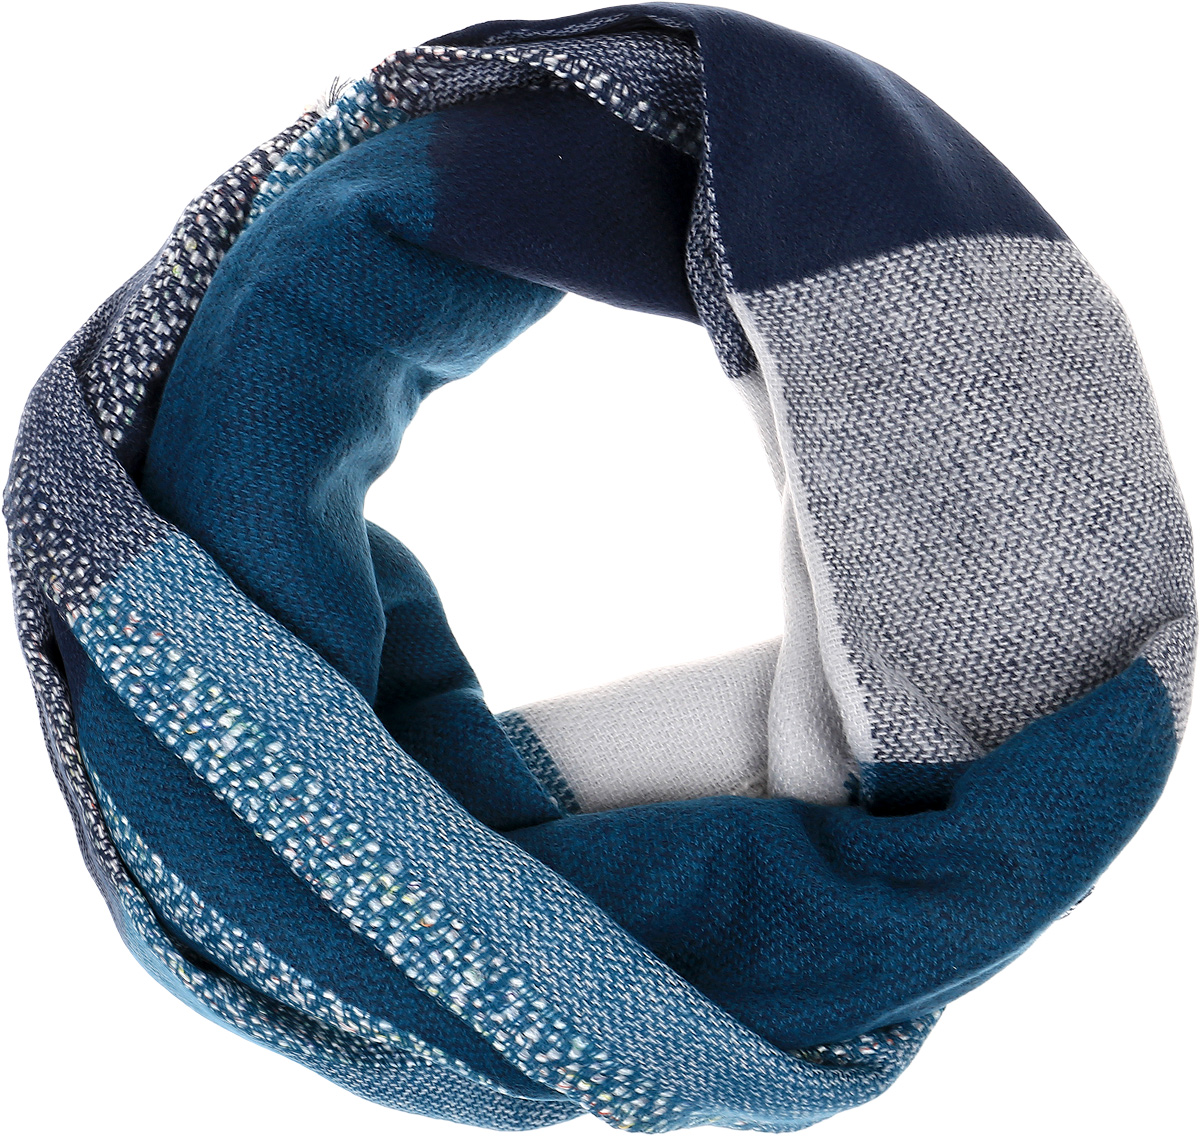 Палантин Sophie Ramage, цвет: синий, бирюзовый, серый. HL-21670-15. Размер 70 см х 180 смHL-21670-15Элегантный палантин Sophie Ramage станет достойным завершением вашего образа. Палантин изготовлен из акрила с добавлением высококачественной шерсти. Модель выполнена принтом в клетку и дополнена небольшой бахромой. Палантин красиво драпируется, он превосходно дополнит любой наряд и подчеркнет ваш изысканный вкус. Легкий и изящный палантин привнесет в ваш образ утонченность и шарм.